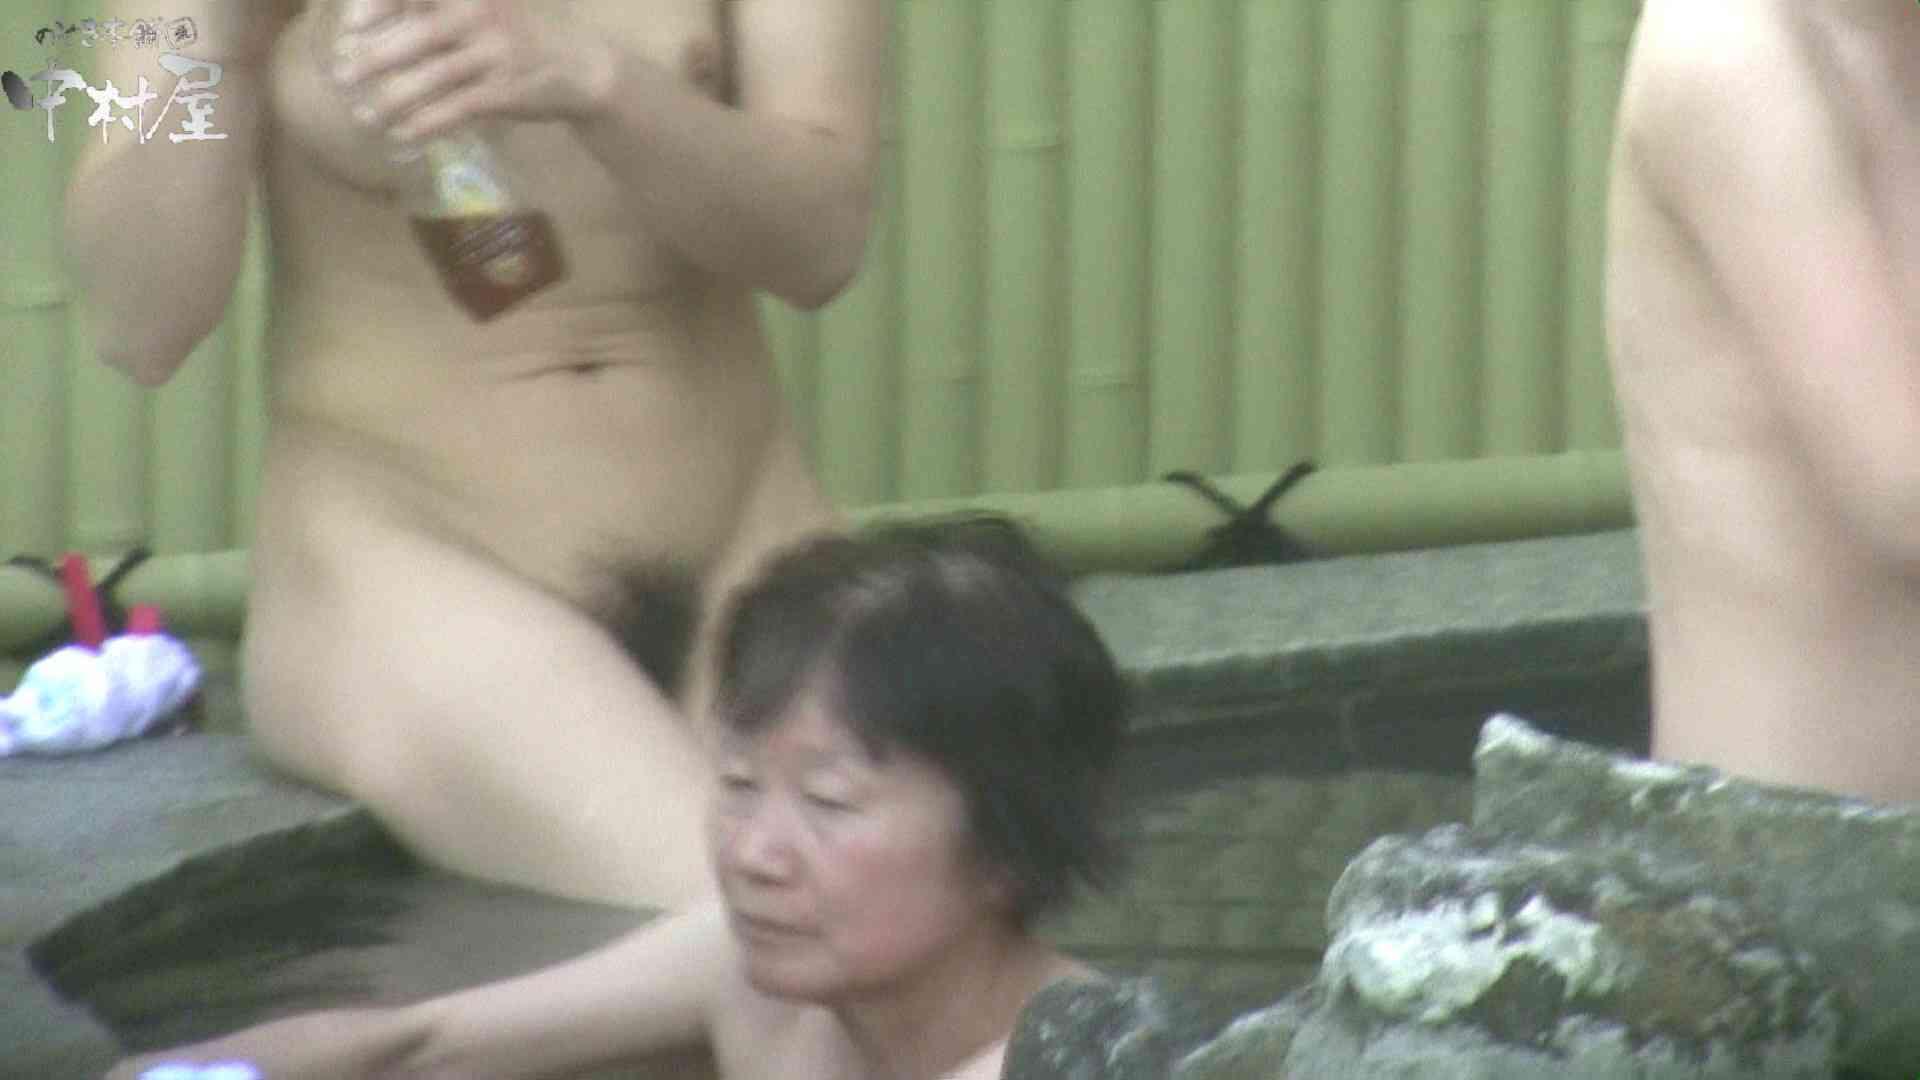 Aquaな露天風呂Vol.970 盗撮 オメコ無修正動画無料 97画像 59